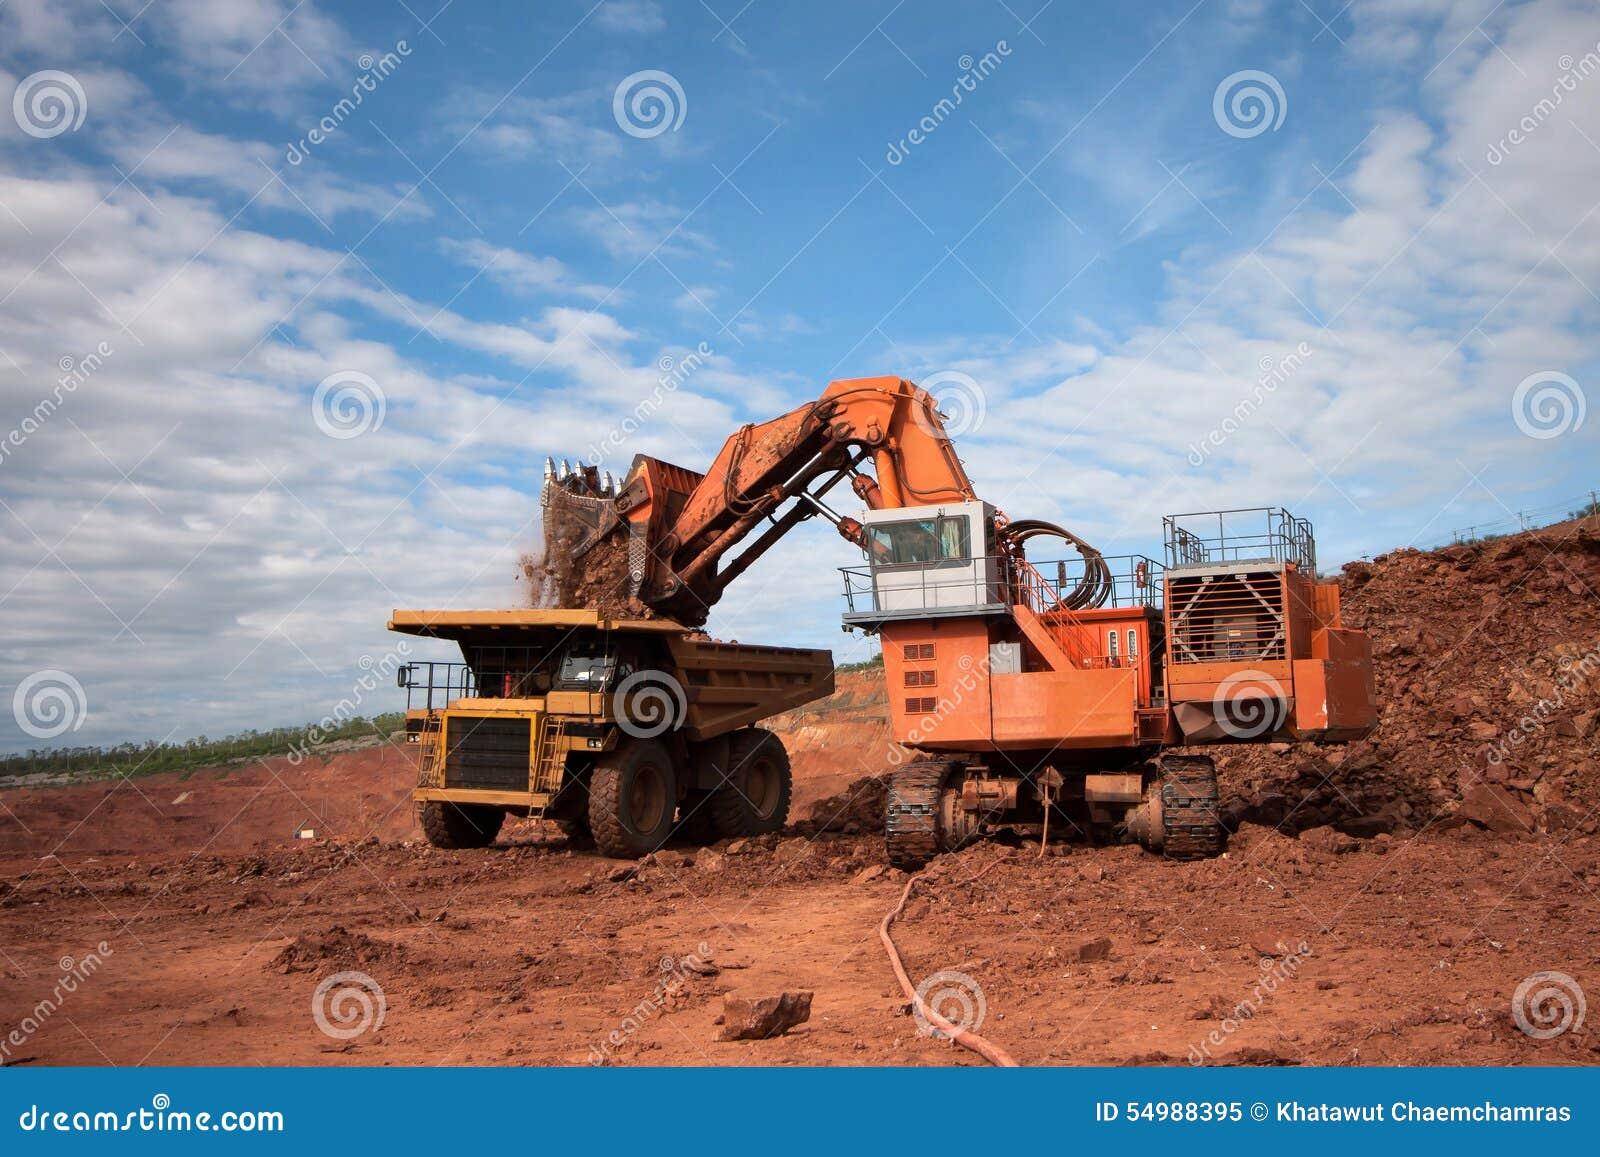 Тележка нагружается с рудой на месте шахты